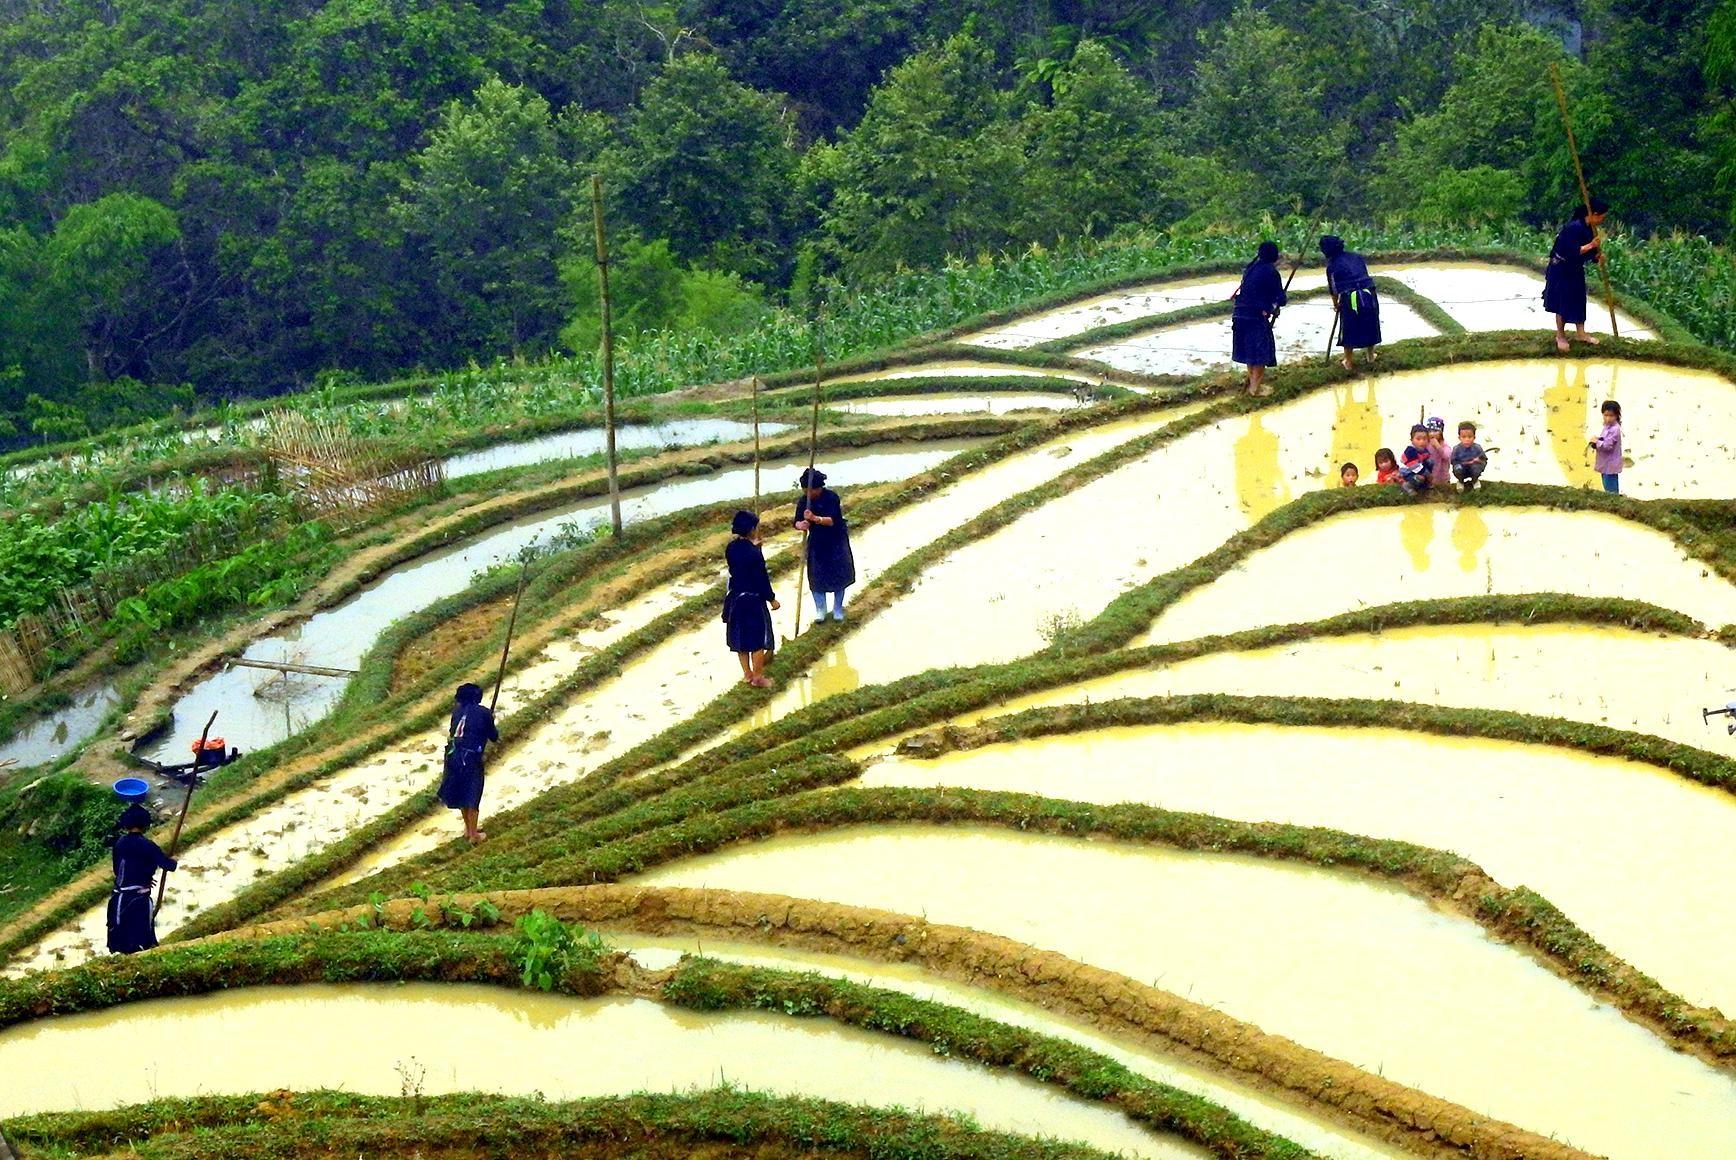 Tác phẩm: Mùa nước đổ , dân tộc La Chí - Bản Phùng (Hoàng Su Phì, Hà Giang). Tác phẩm ghi lại được thời điểm quan trọng nhất trong năm của người dân canh tác ruộng bậc thang.